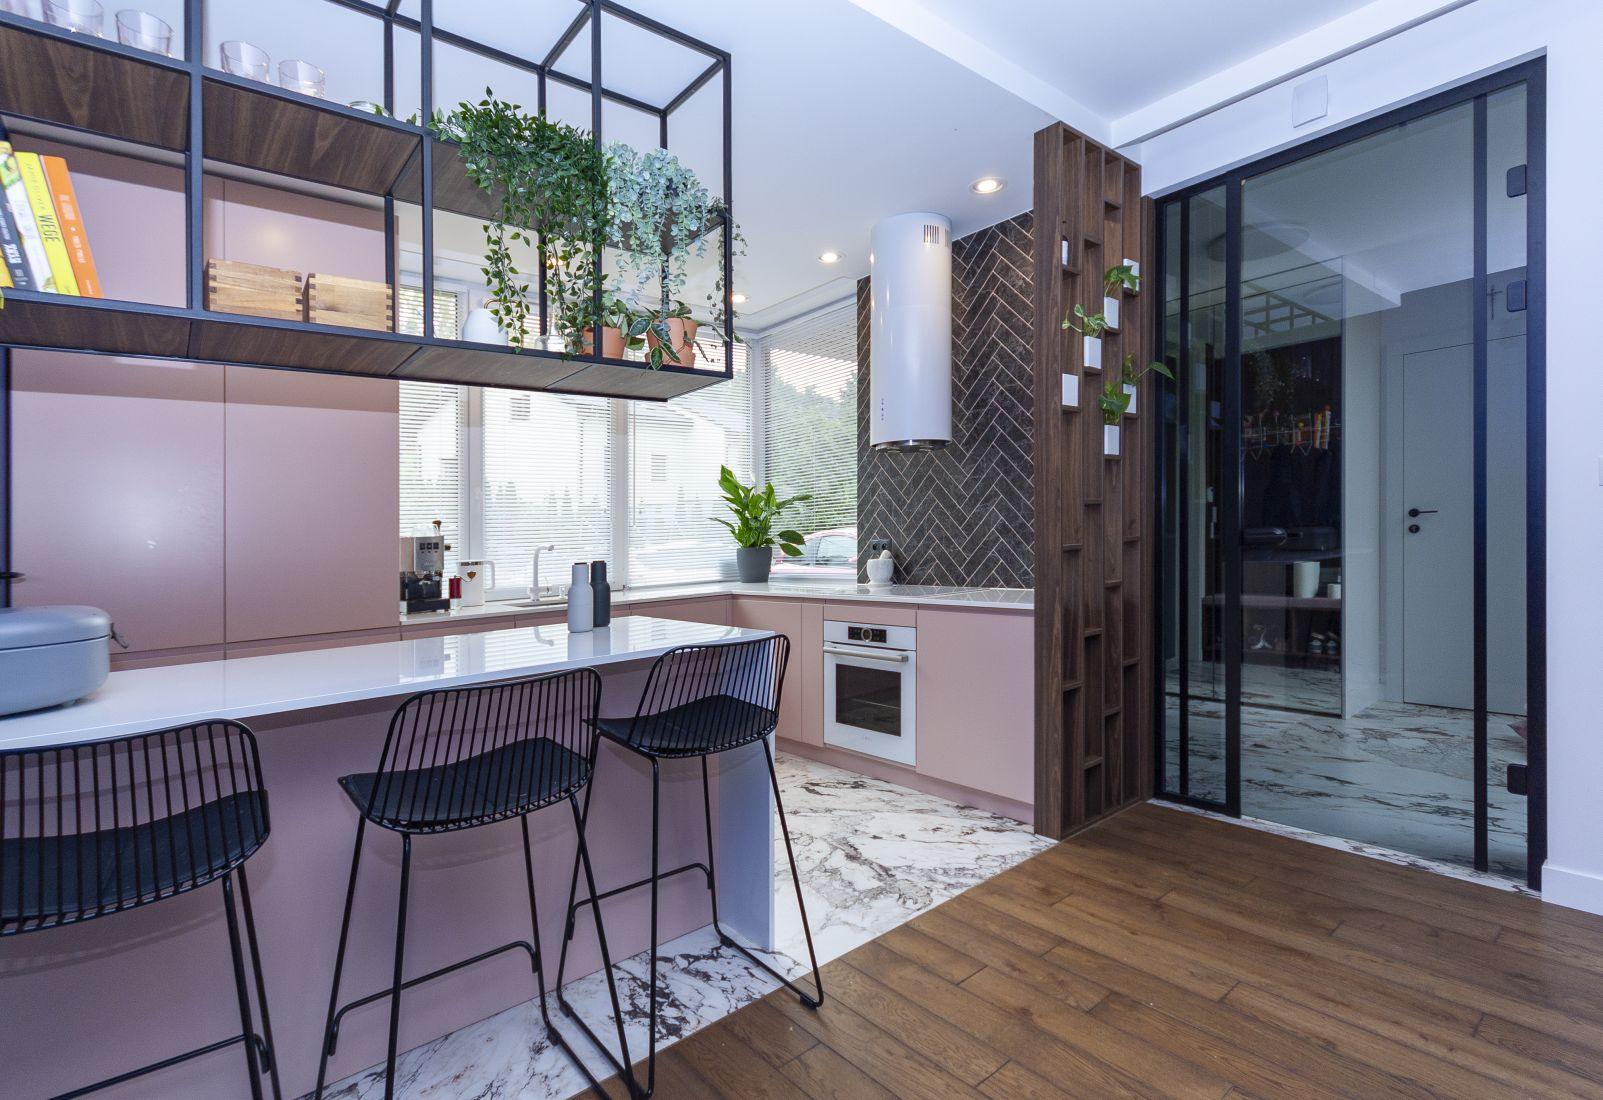 160 metrowy dom jednorodzinny w pudrowym różu z domieszką błękitów | Proj: Orange Studio